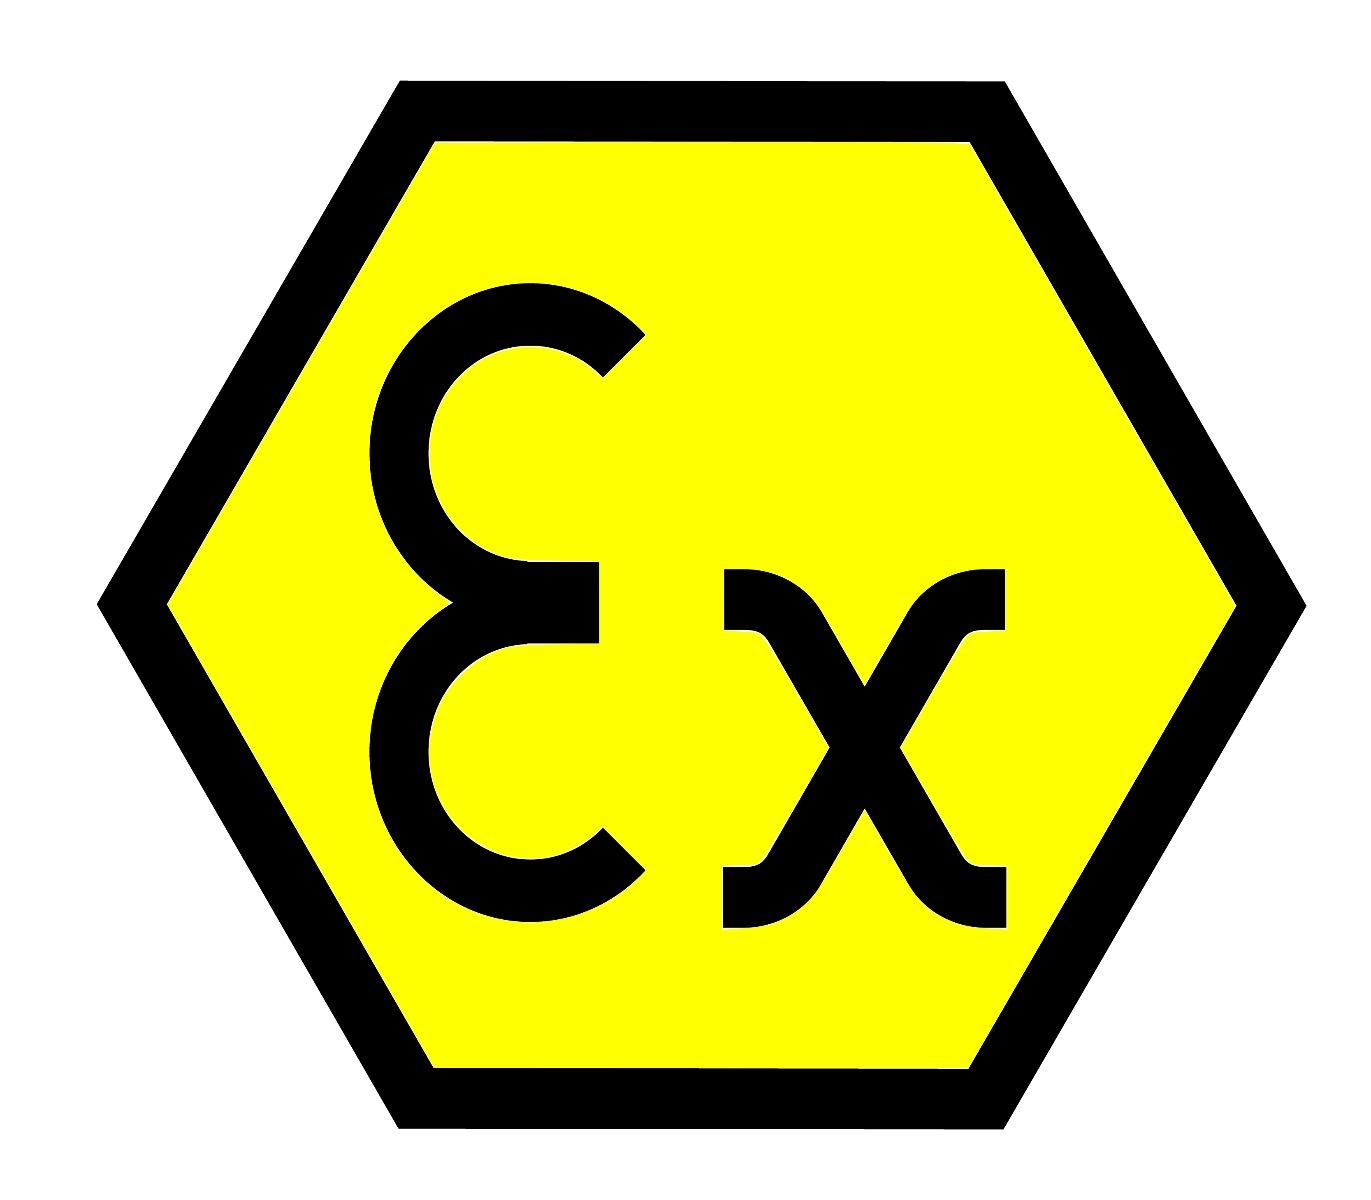 EX keurmerk